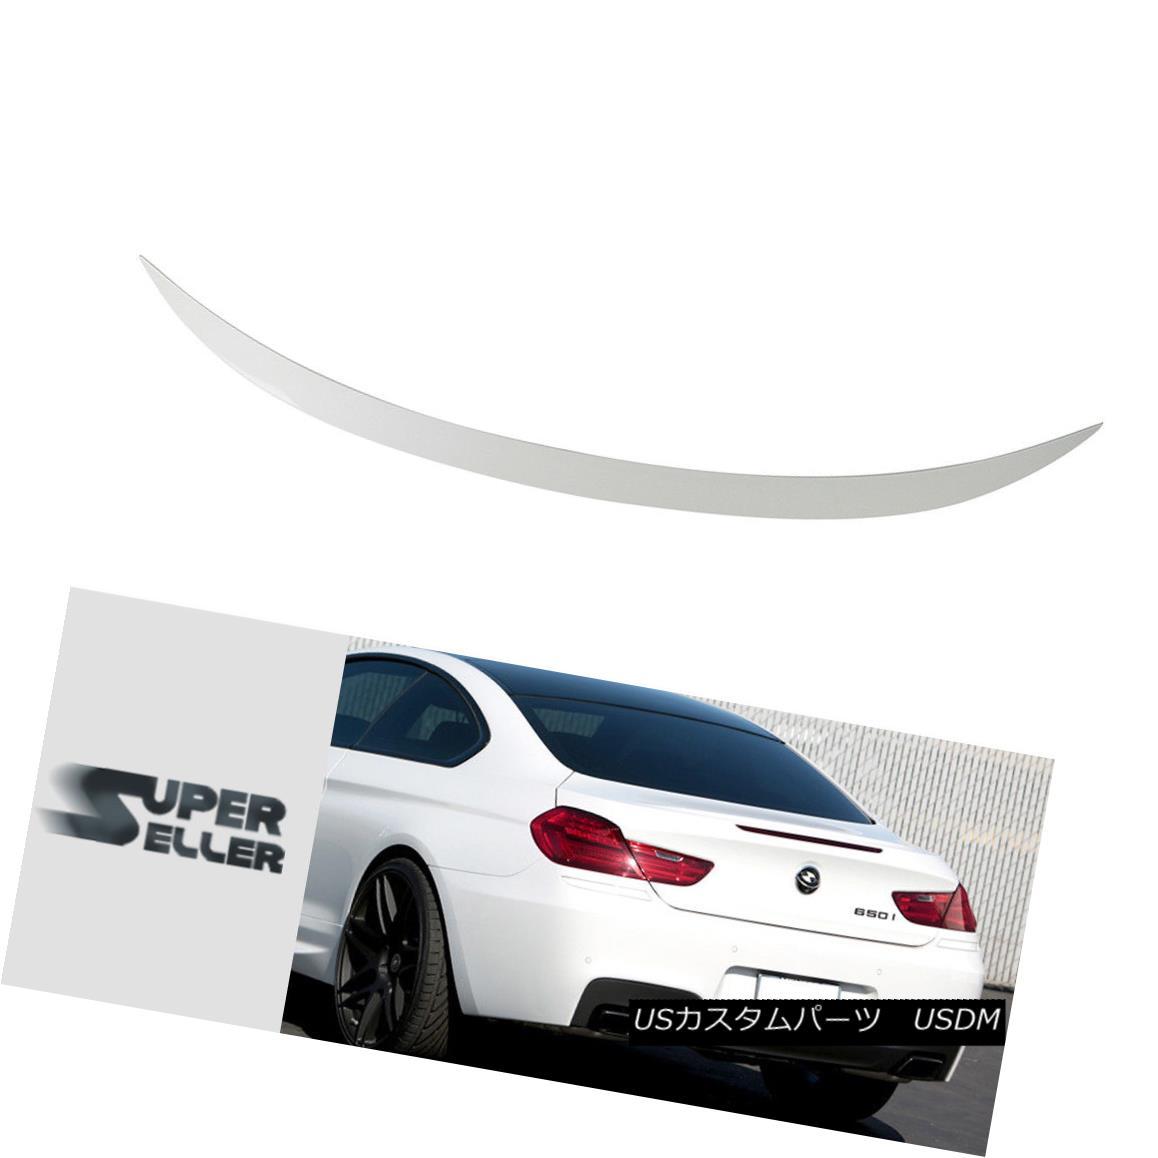 エアロパーツ BMW 6-Ser F13 2D Coupe V Type Trunk Spoiler Painted Color #300 White 640i M6 BMW 6-Ser F13 2DクーペVタイプトランクスポイラーペイントカラー#300ホワイト640i M6